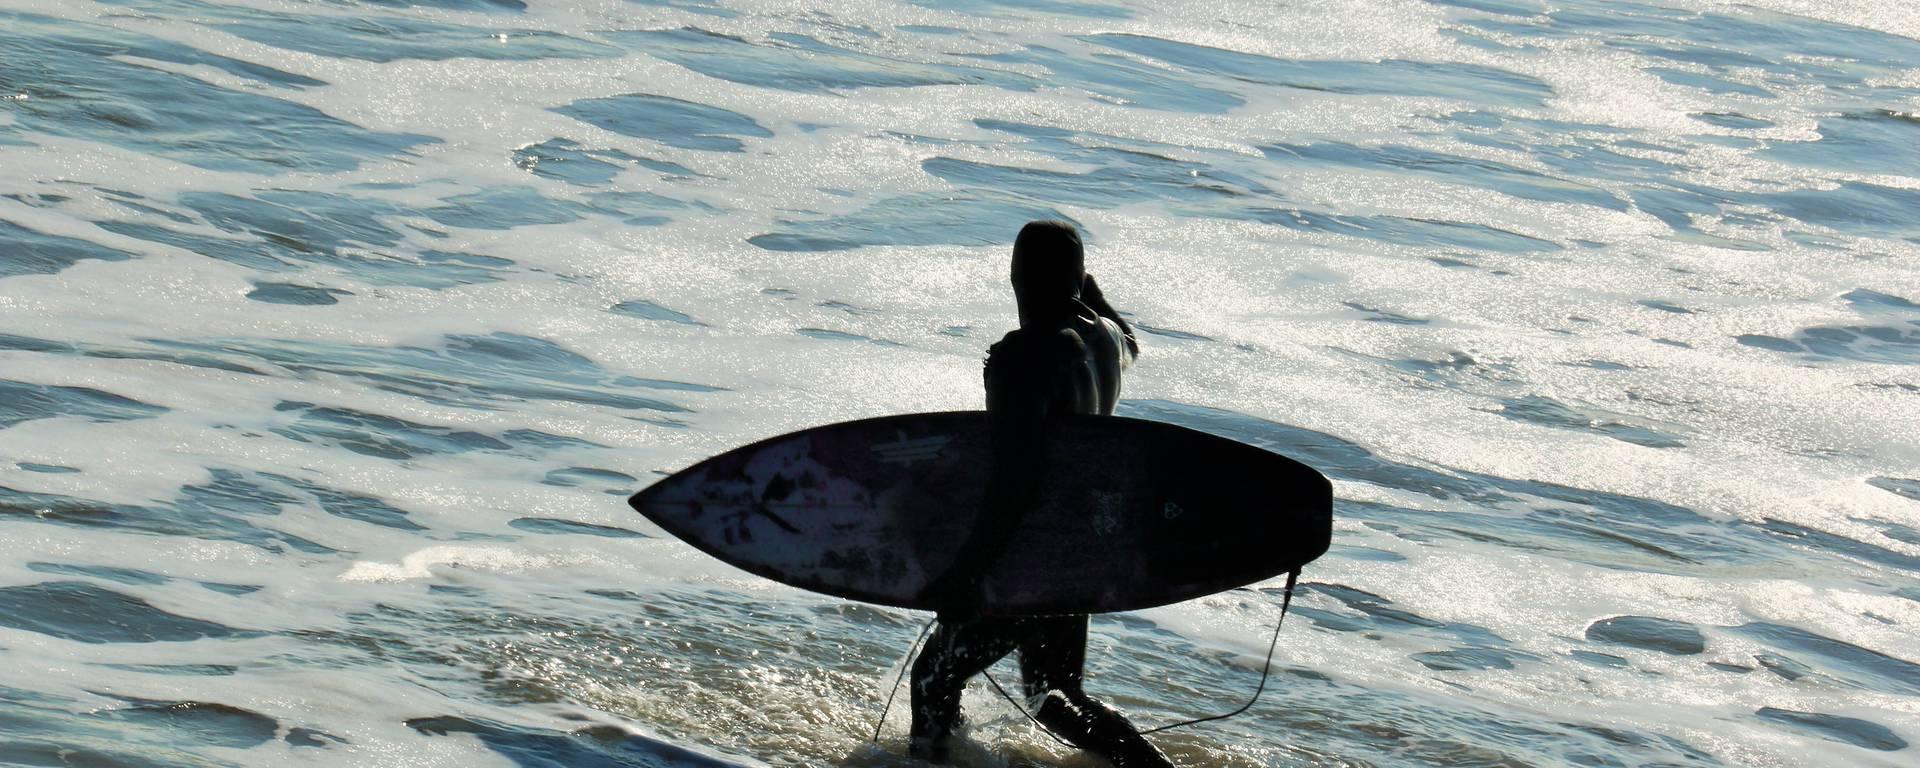 Surf par Lesley  Williamson